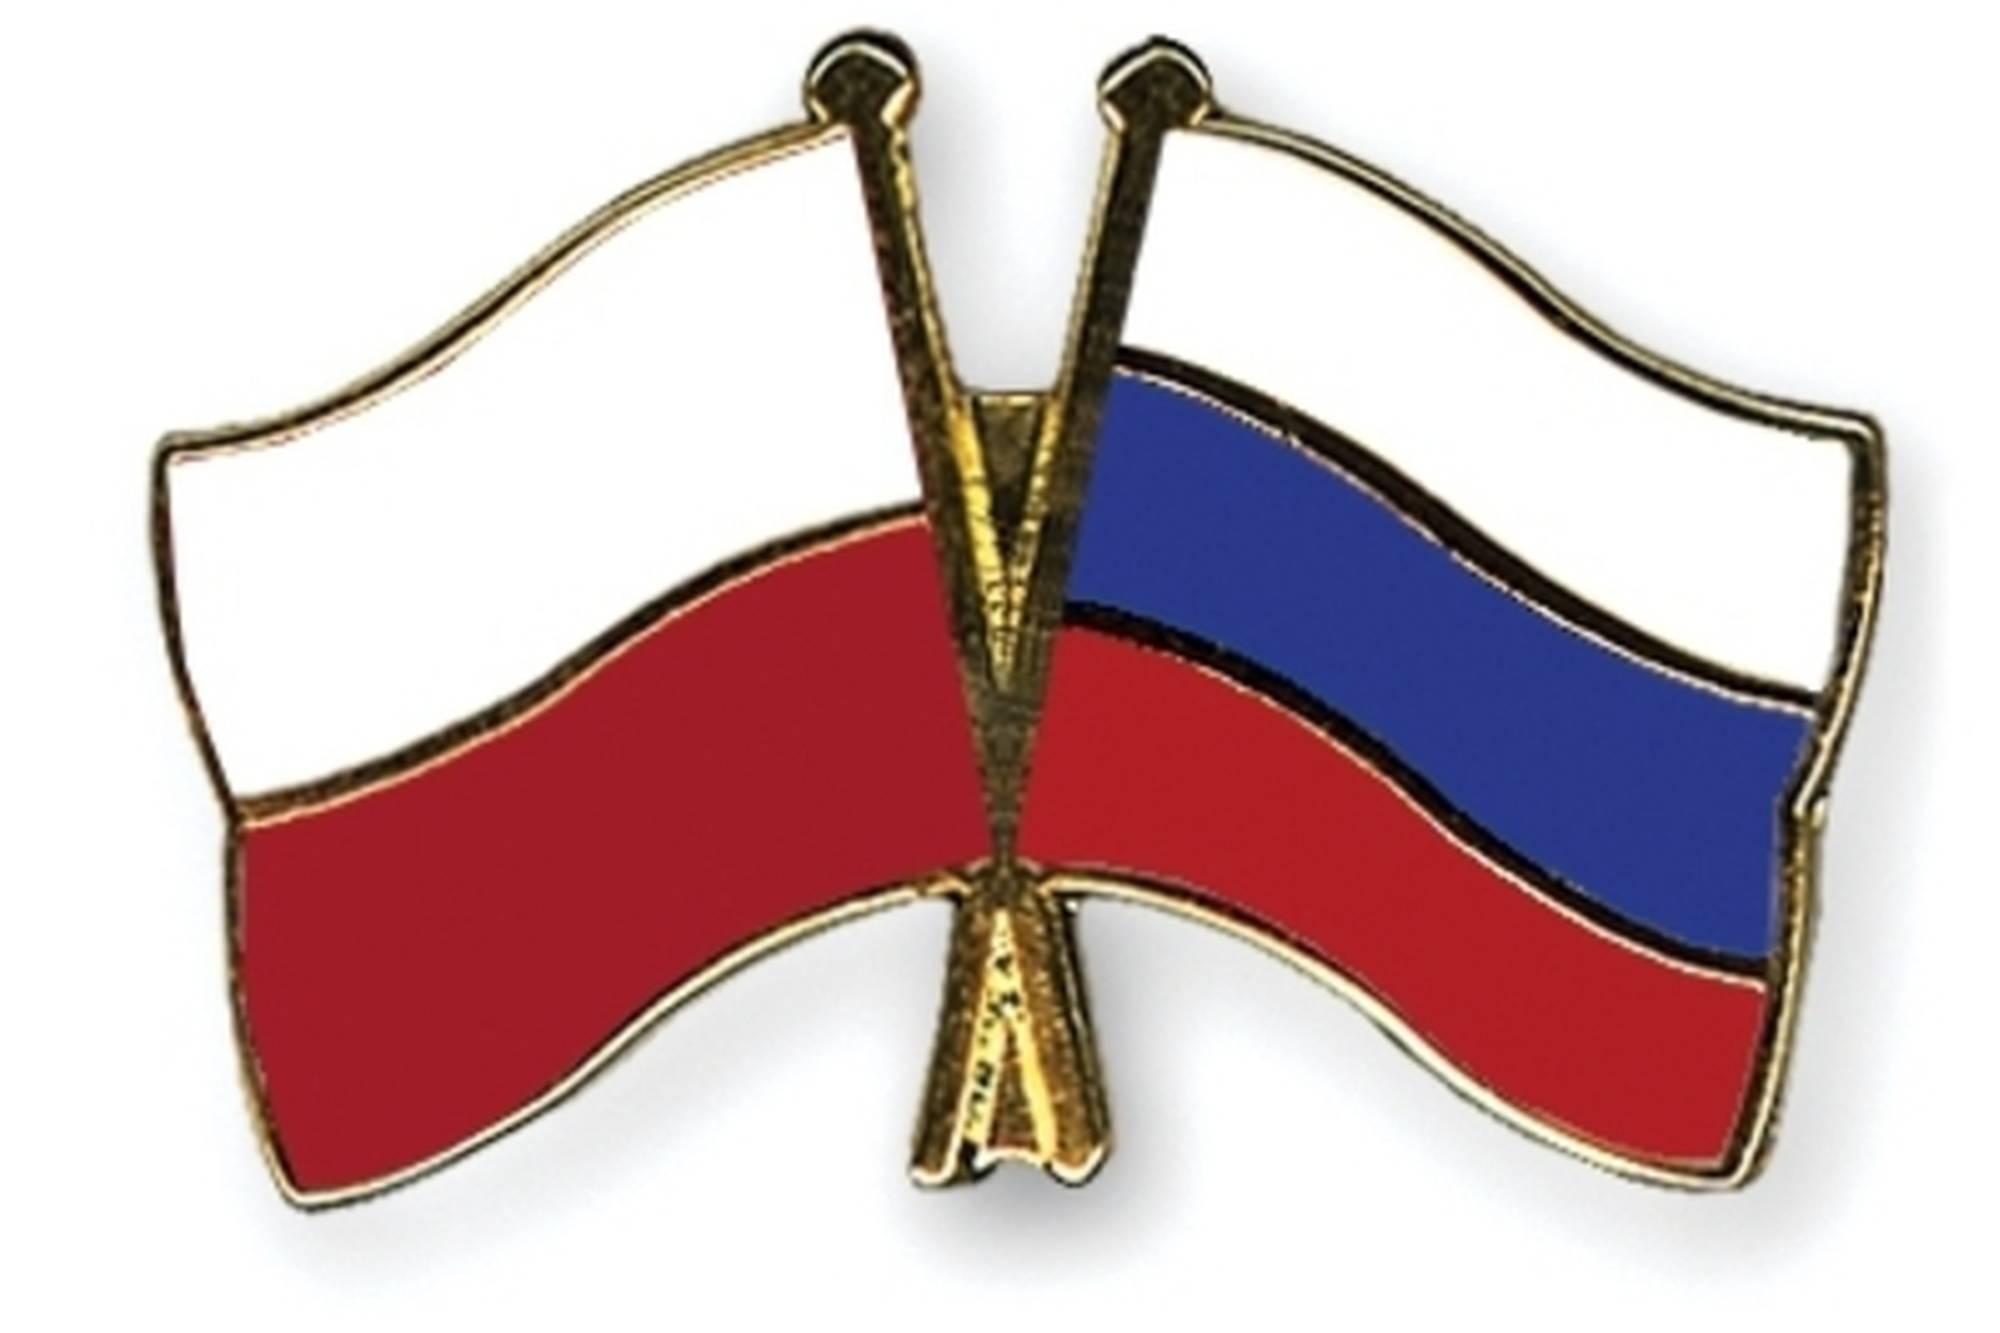 Соглашение между Правительством РФ и Правительством Республики Польша об избежании двойного налогообложения доходов и имущества